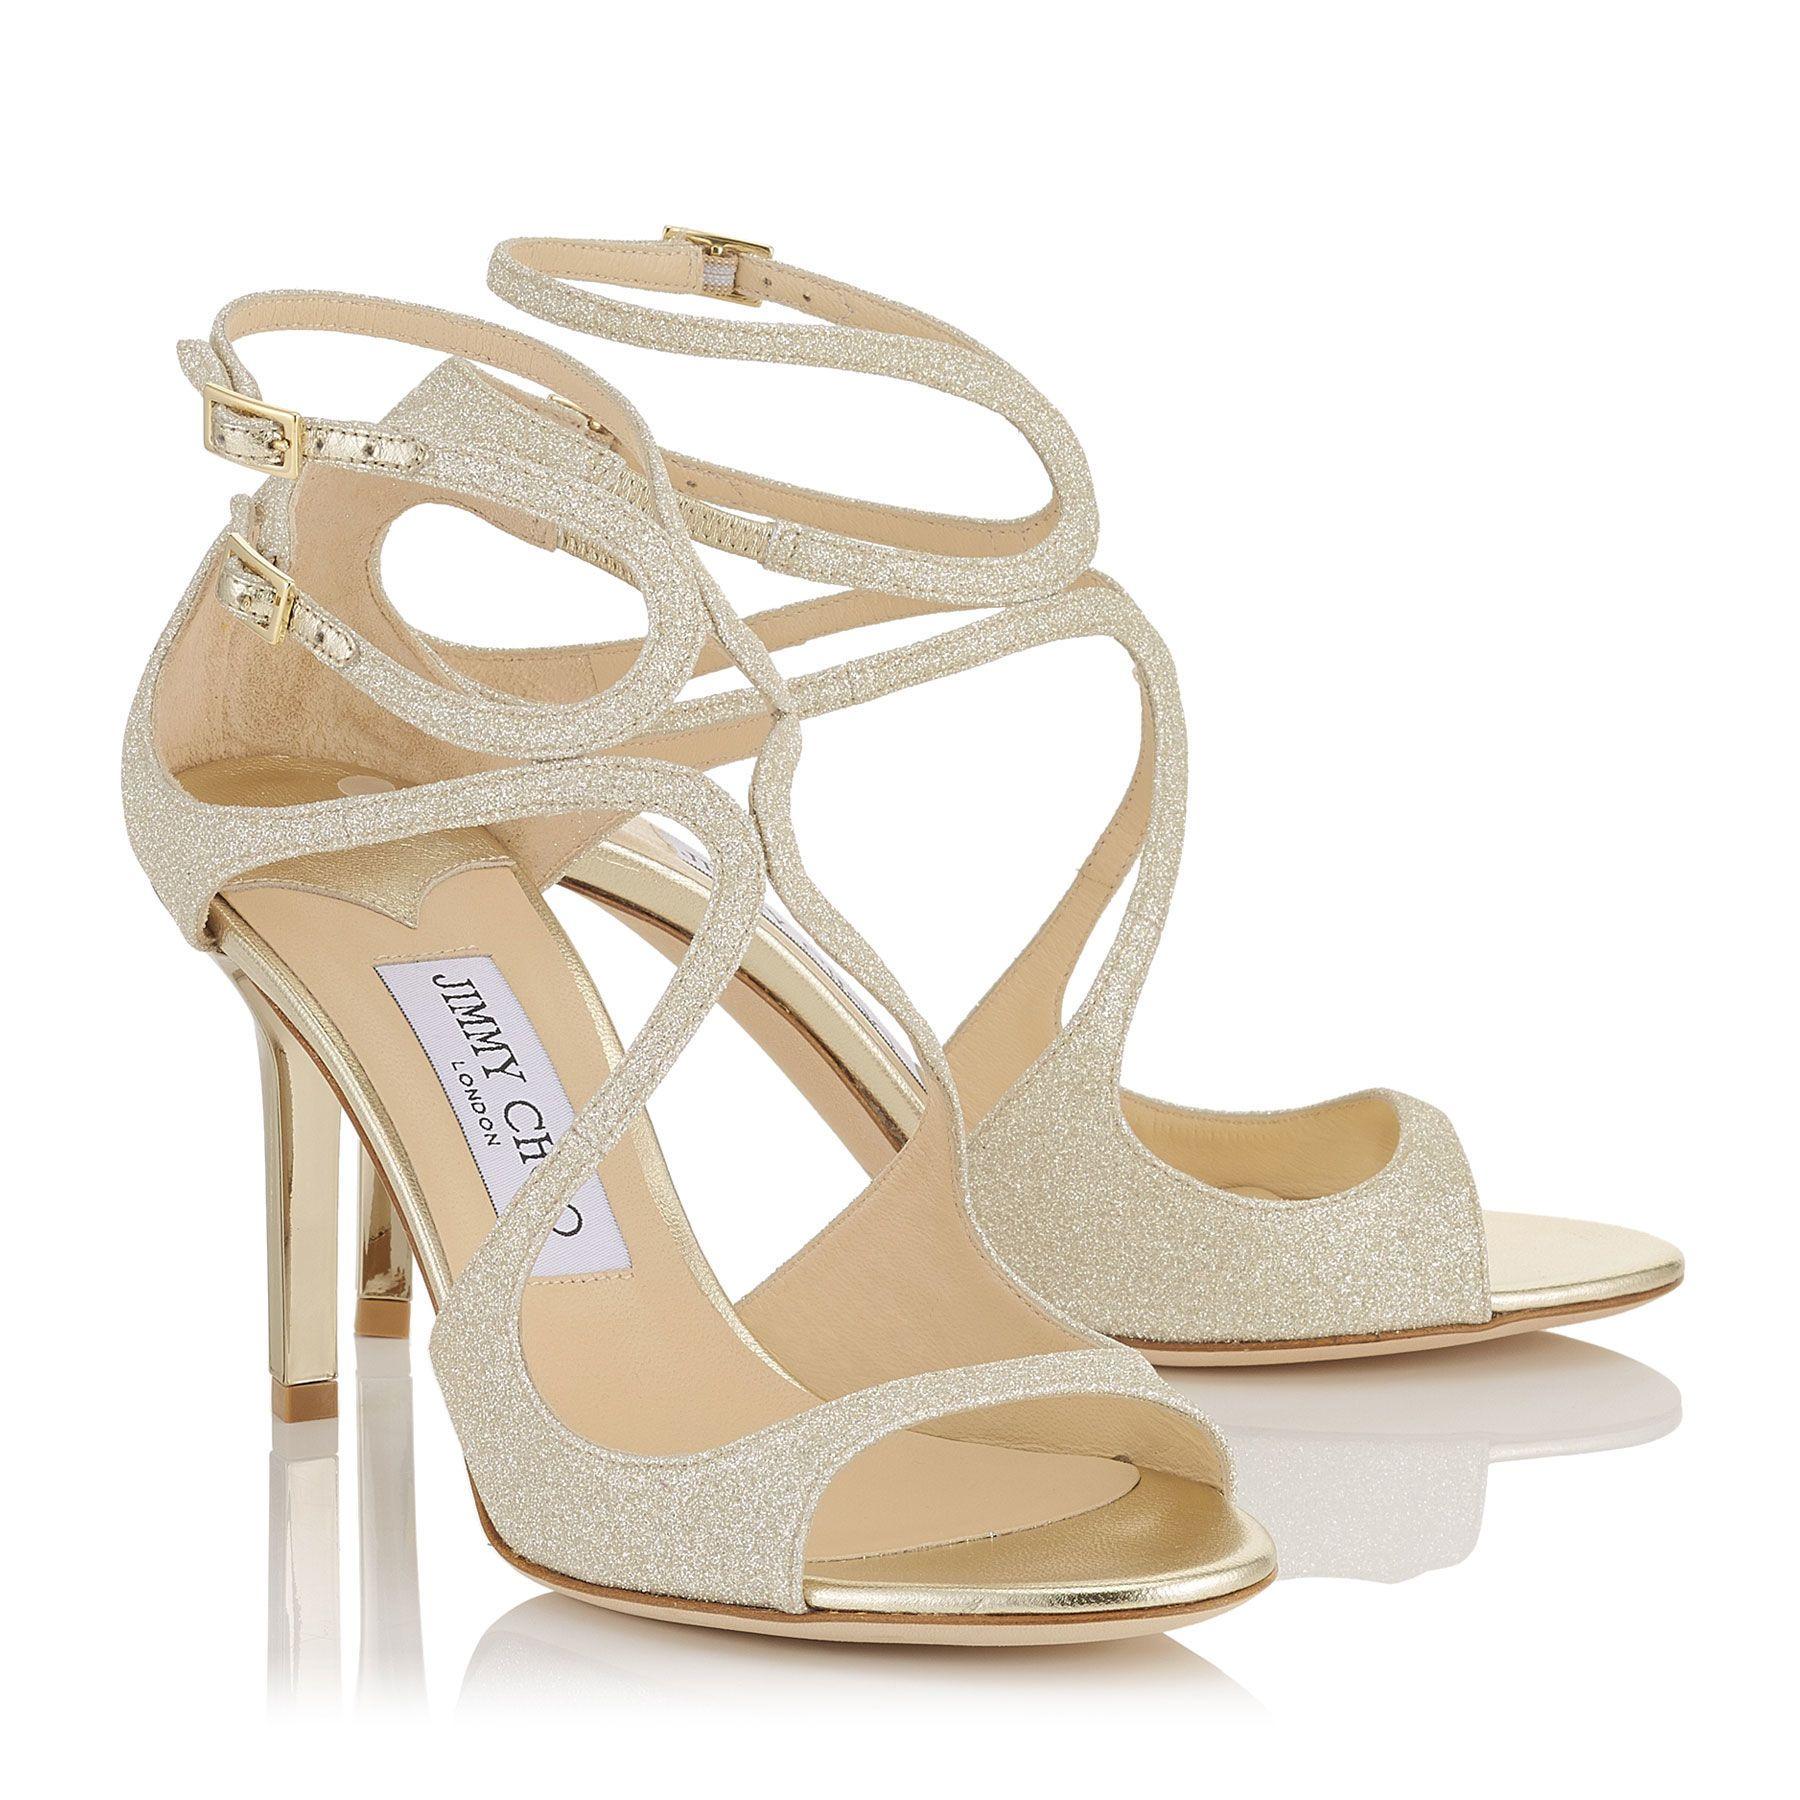 HeelsTrendy En Glitter Shoes Lancepf Choo 2019Jimmy 120 Y ywNvm80nO